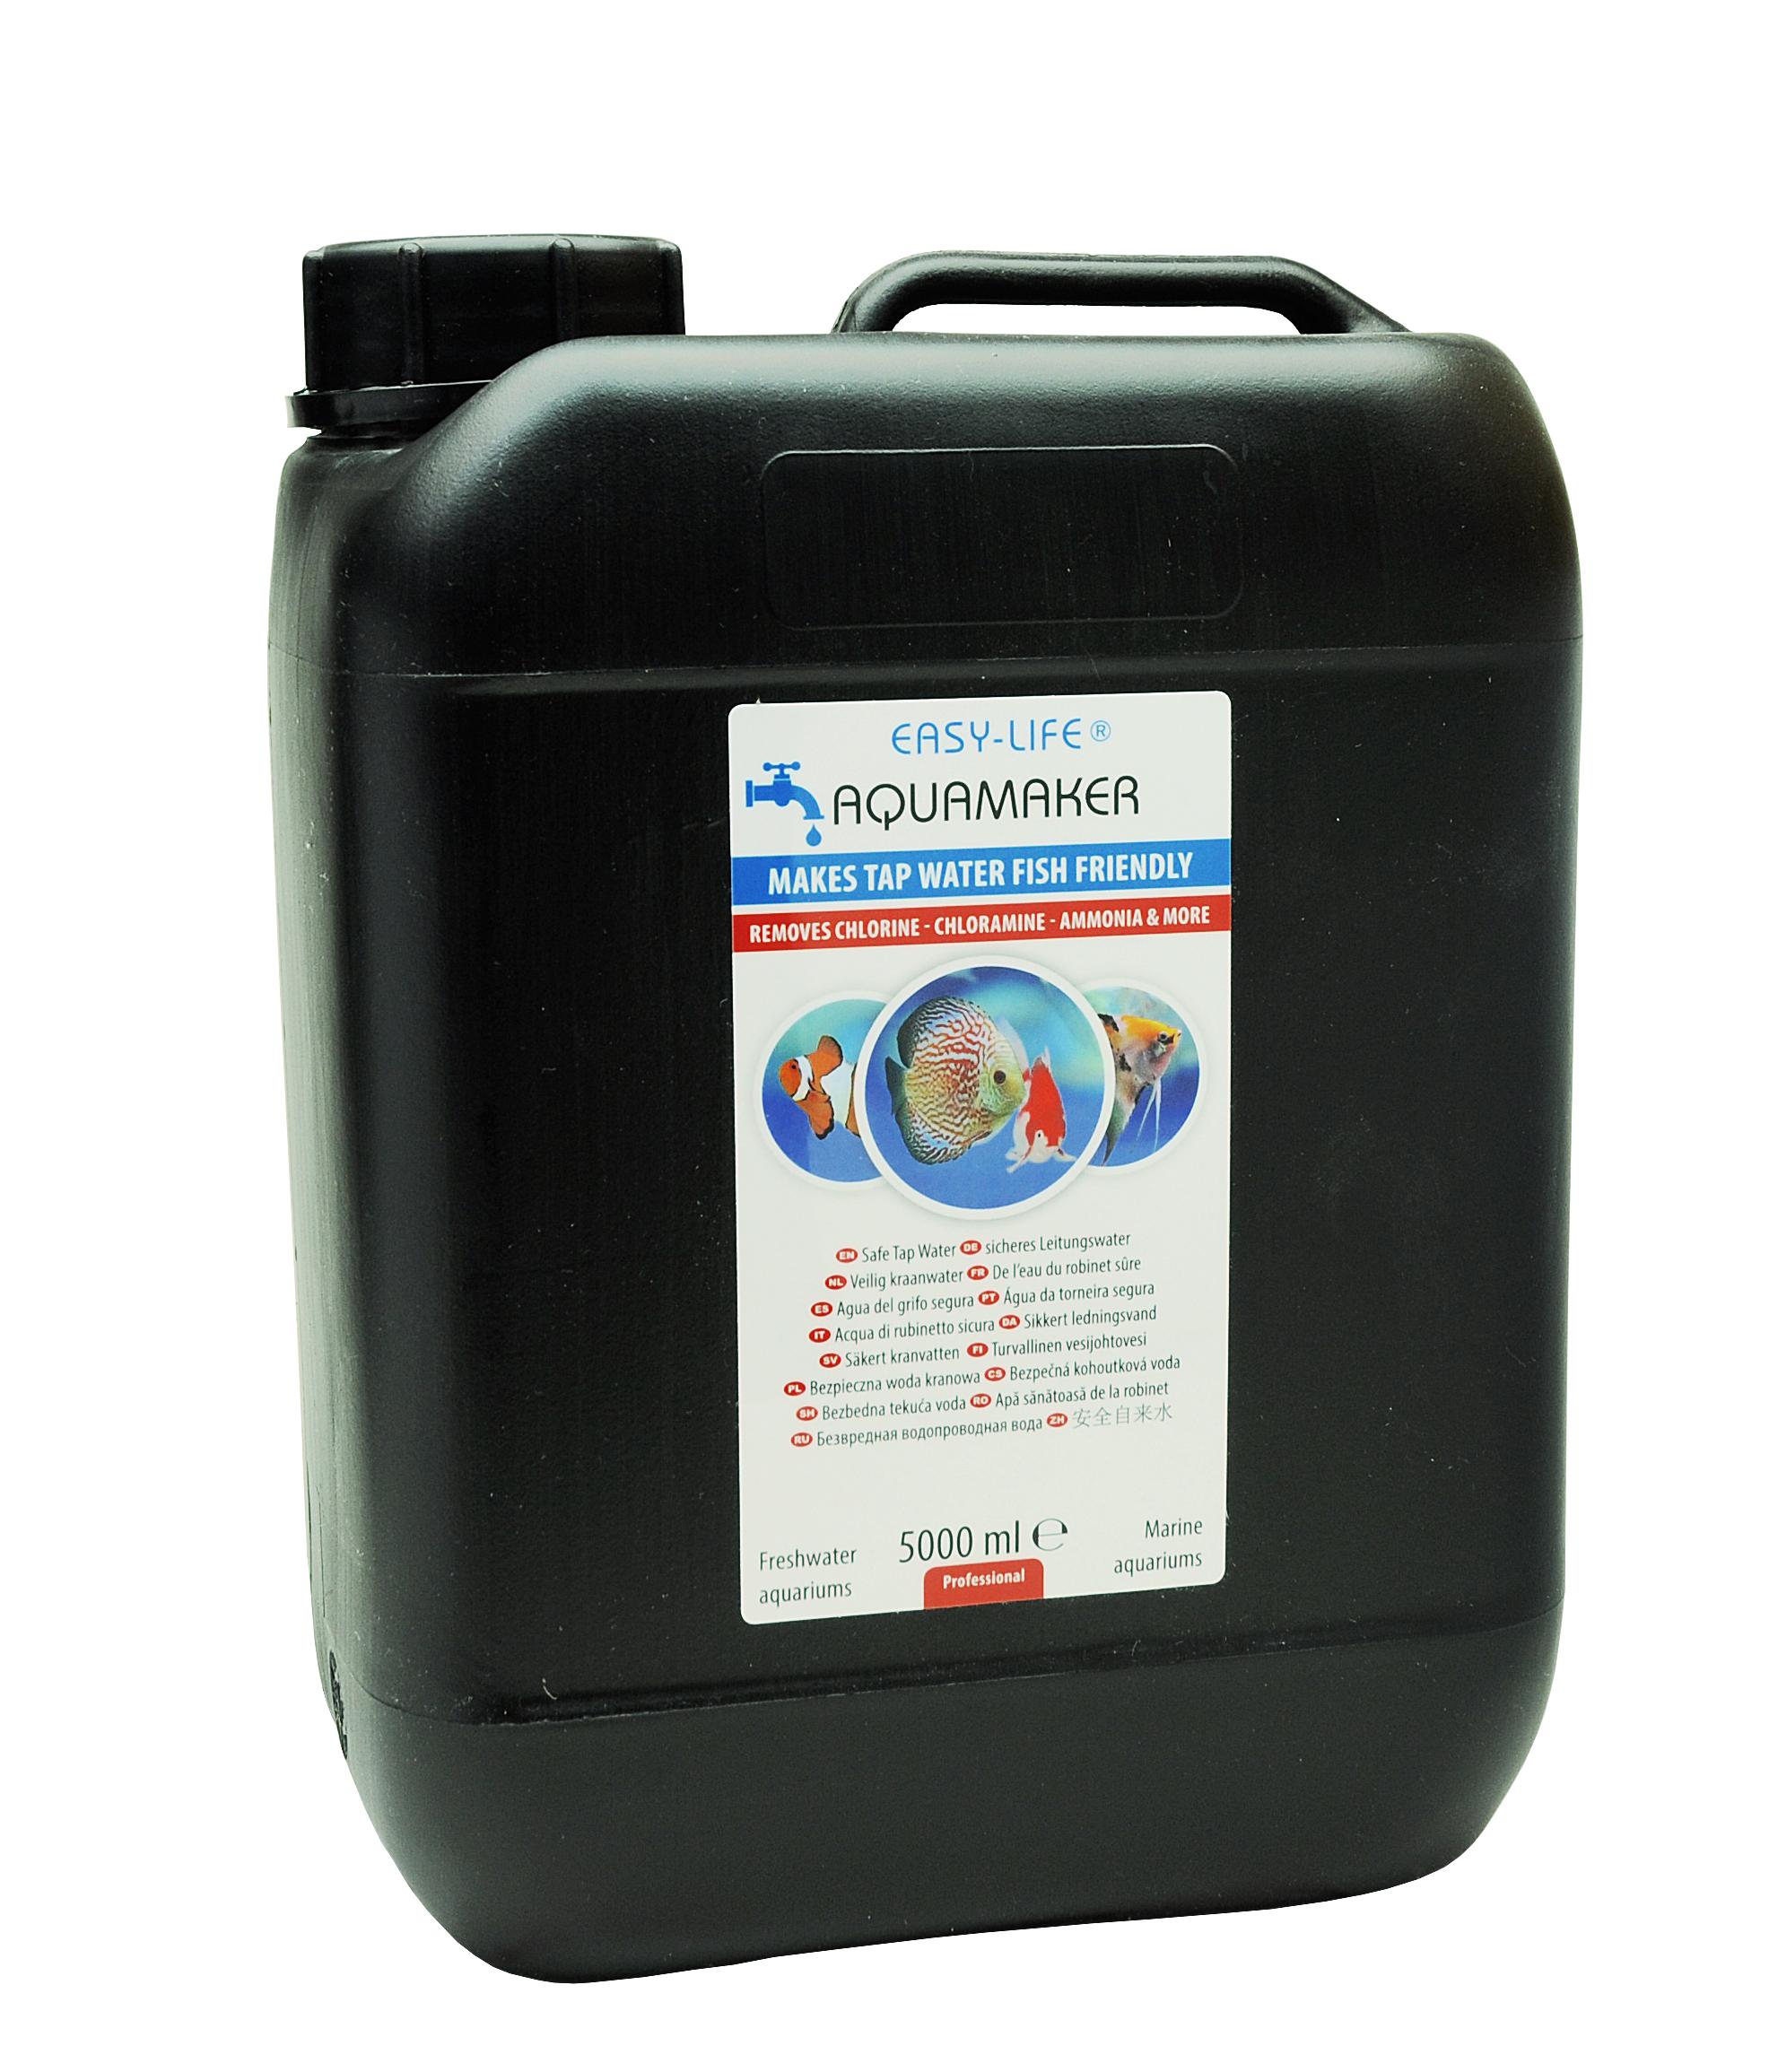 EASY-LIFE AquaMaker 5000 ml puissant conditionneur d\'eau à action rapide pour aquarium. Traite jusqu\'à 10000L